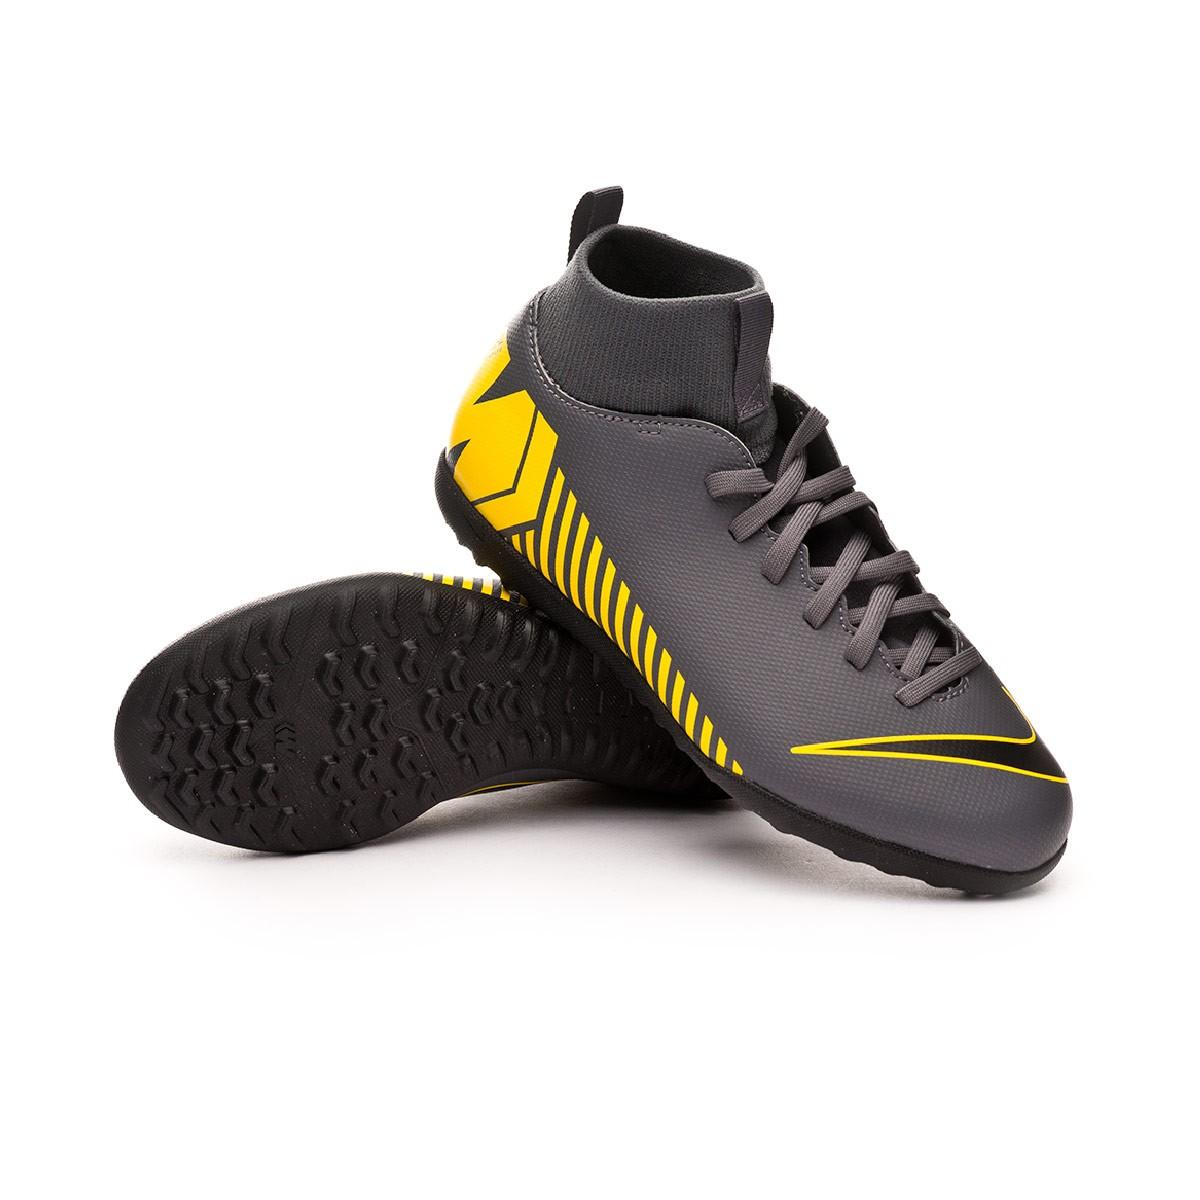 6543f1be91d0 Football Boot Nike Kids Mercurial SuperflyX VI Club Turf Dark grey ...